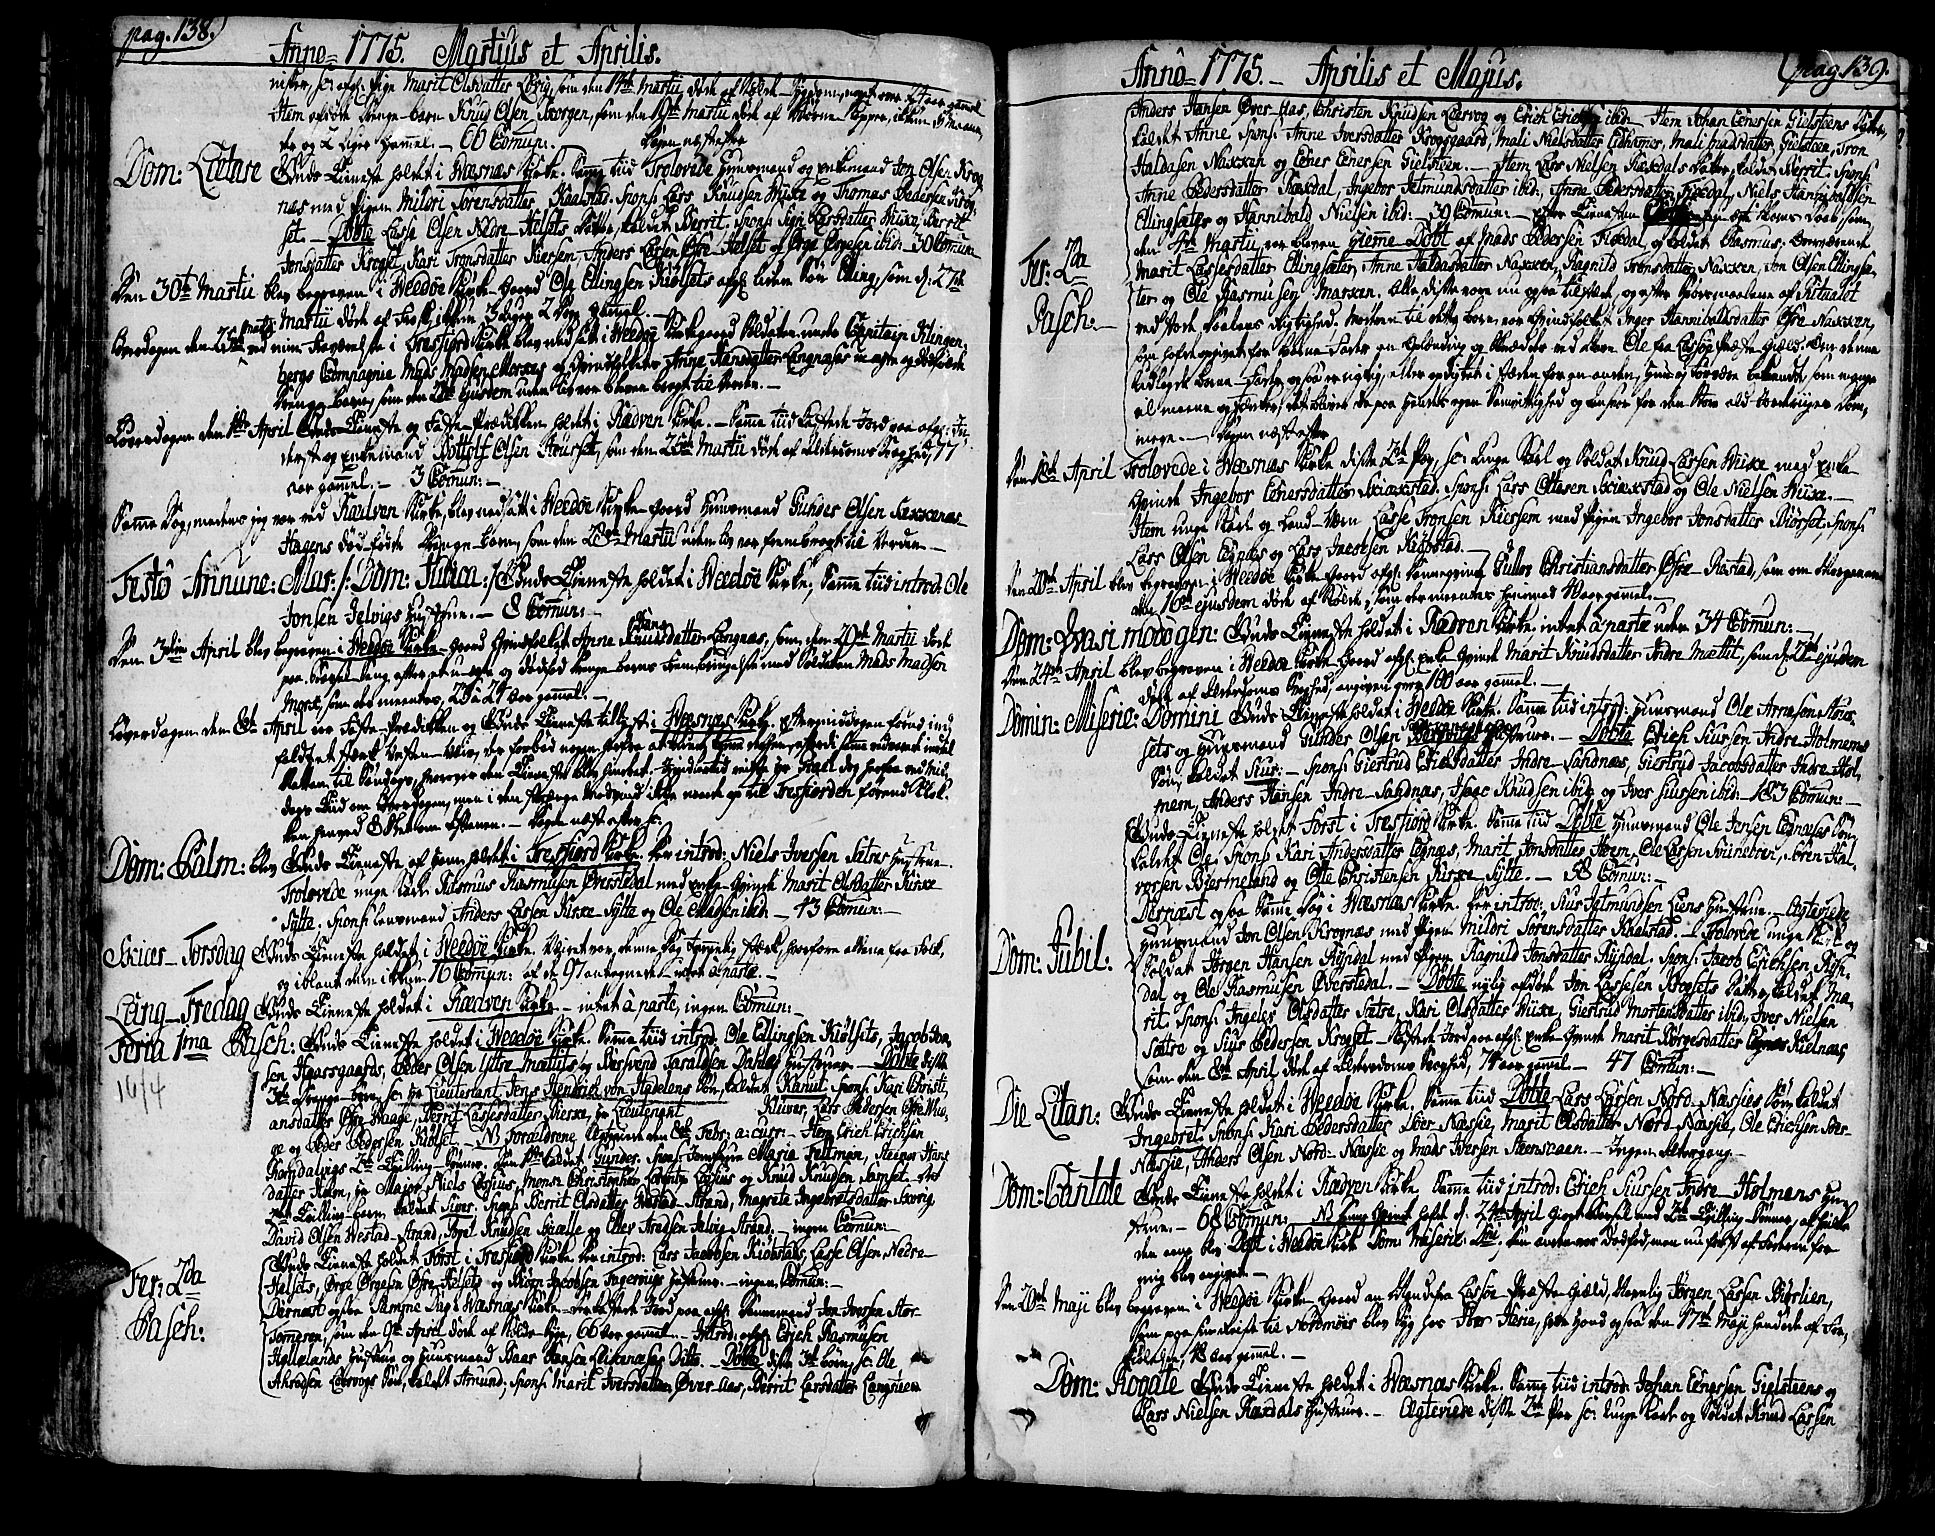 SAT, Ministerialprotokoller, klokkerbøker og fødselsregistre - Møre og Romsdal, 547/L0600: Parish register (official) no. 547A02, 1765-1799, p. 138-139